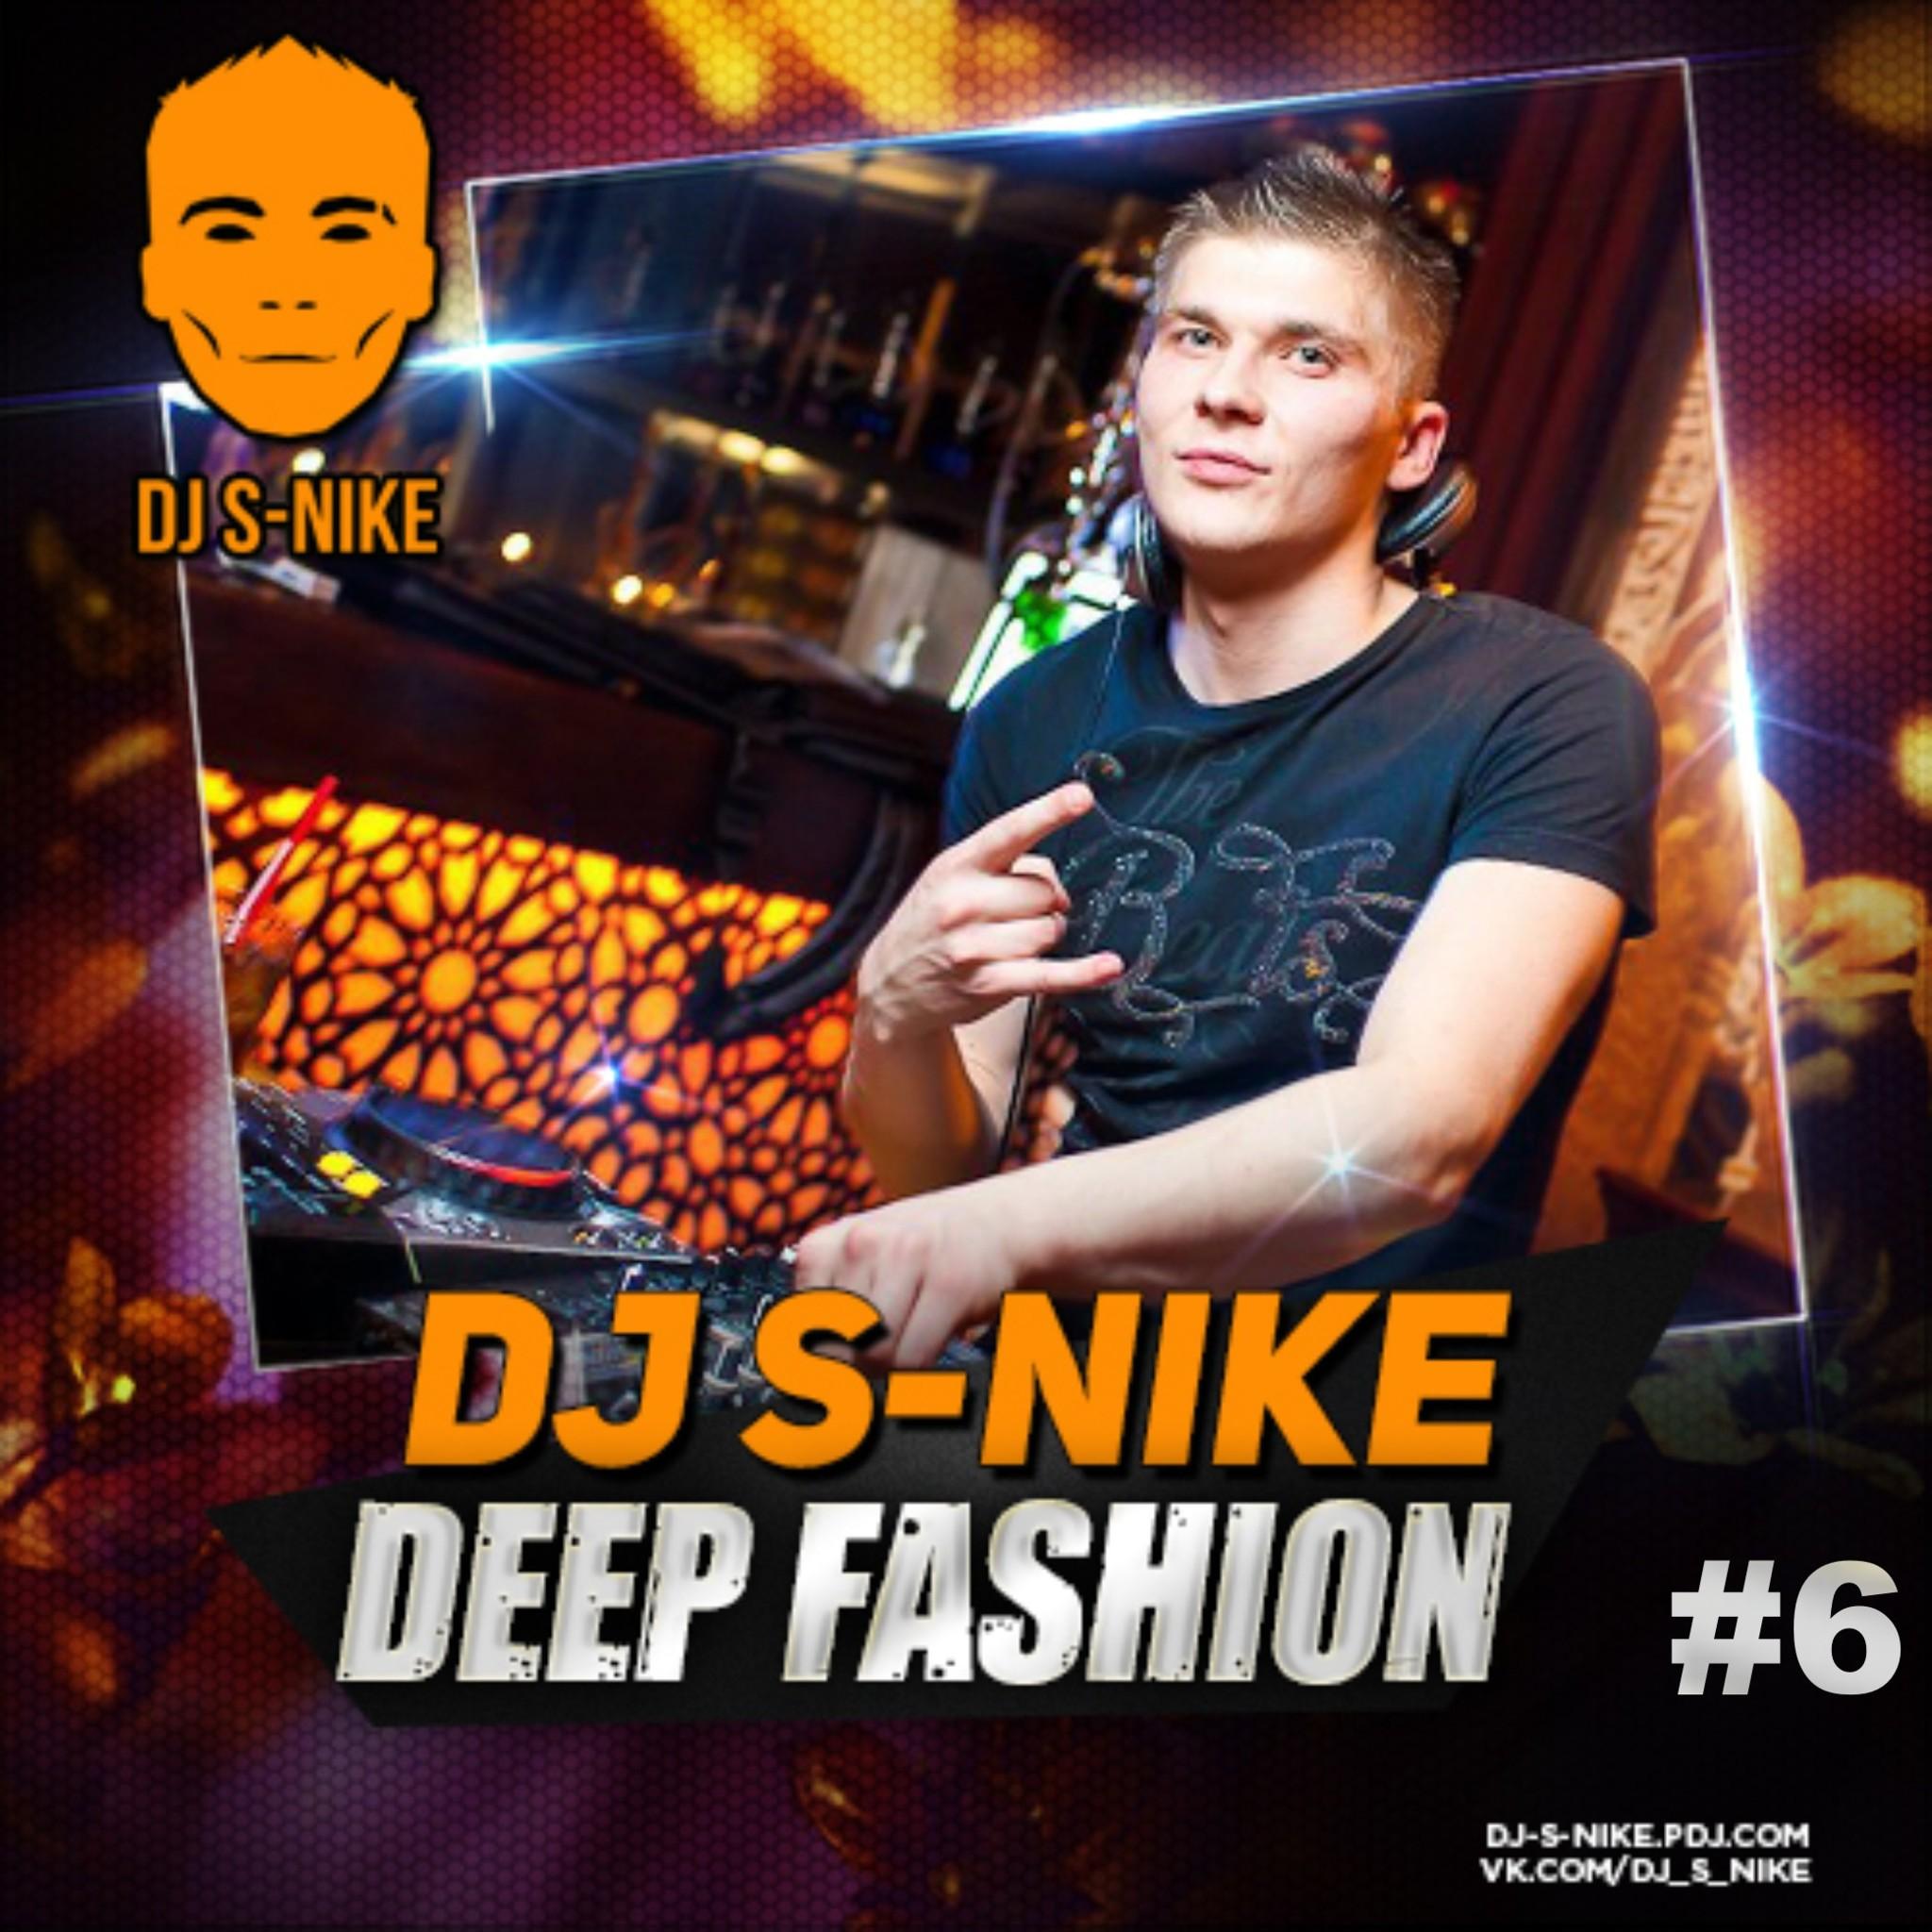 DJ S-NIKE (MOUSE-P)